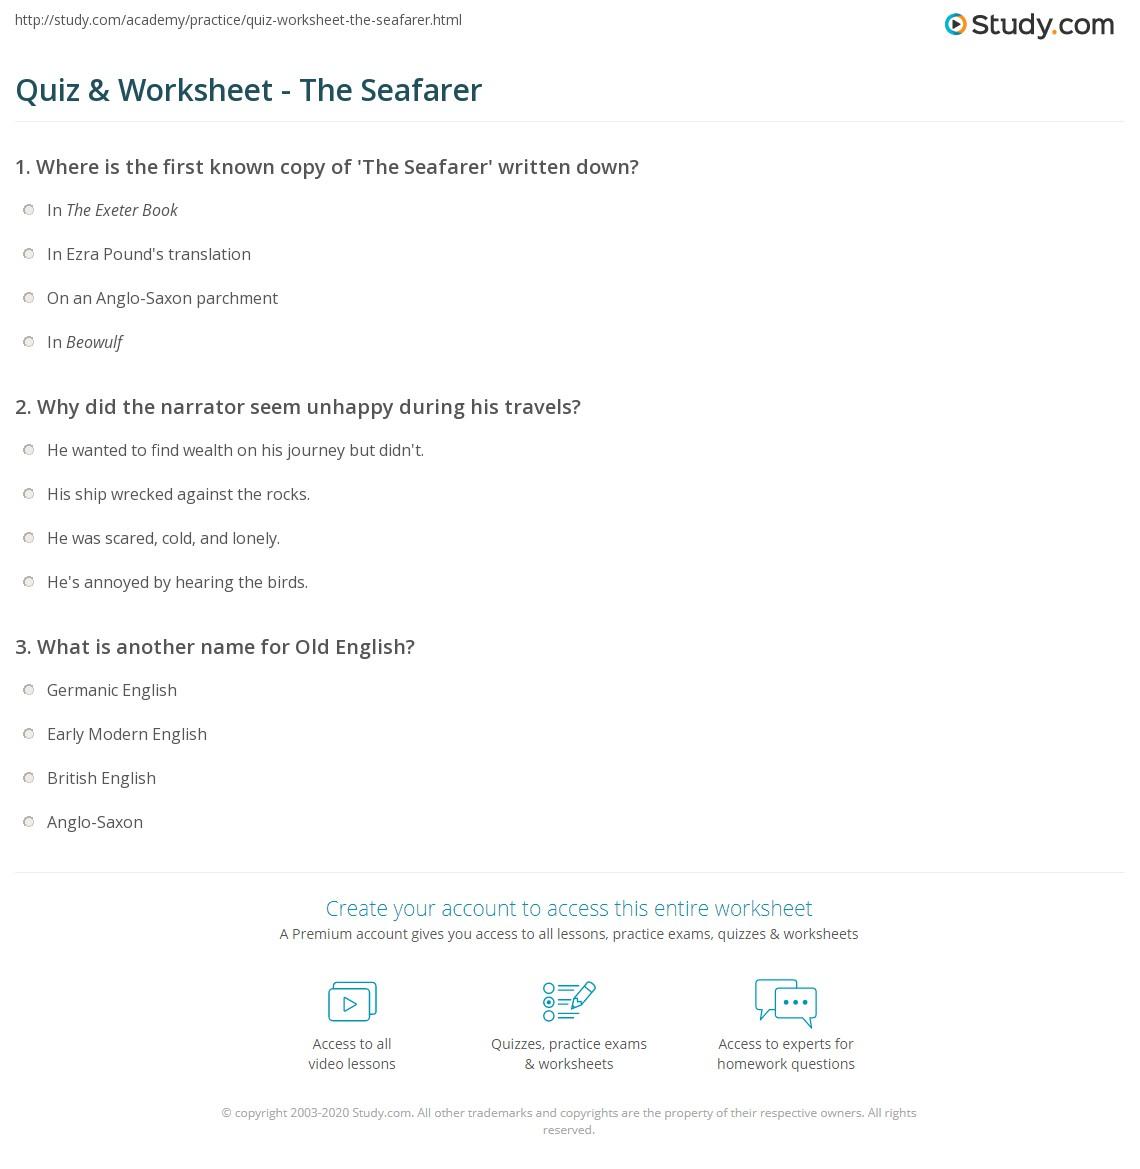 Quiz & Worksheet - The Seafarer  Study.com worksheets for teachers, multiplication, grade worksheets, printable worksheets, and worksheets Anglo Saxon Worksheets 2 1149 x 1140